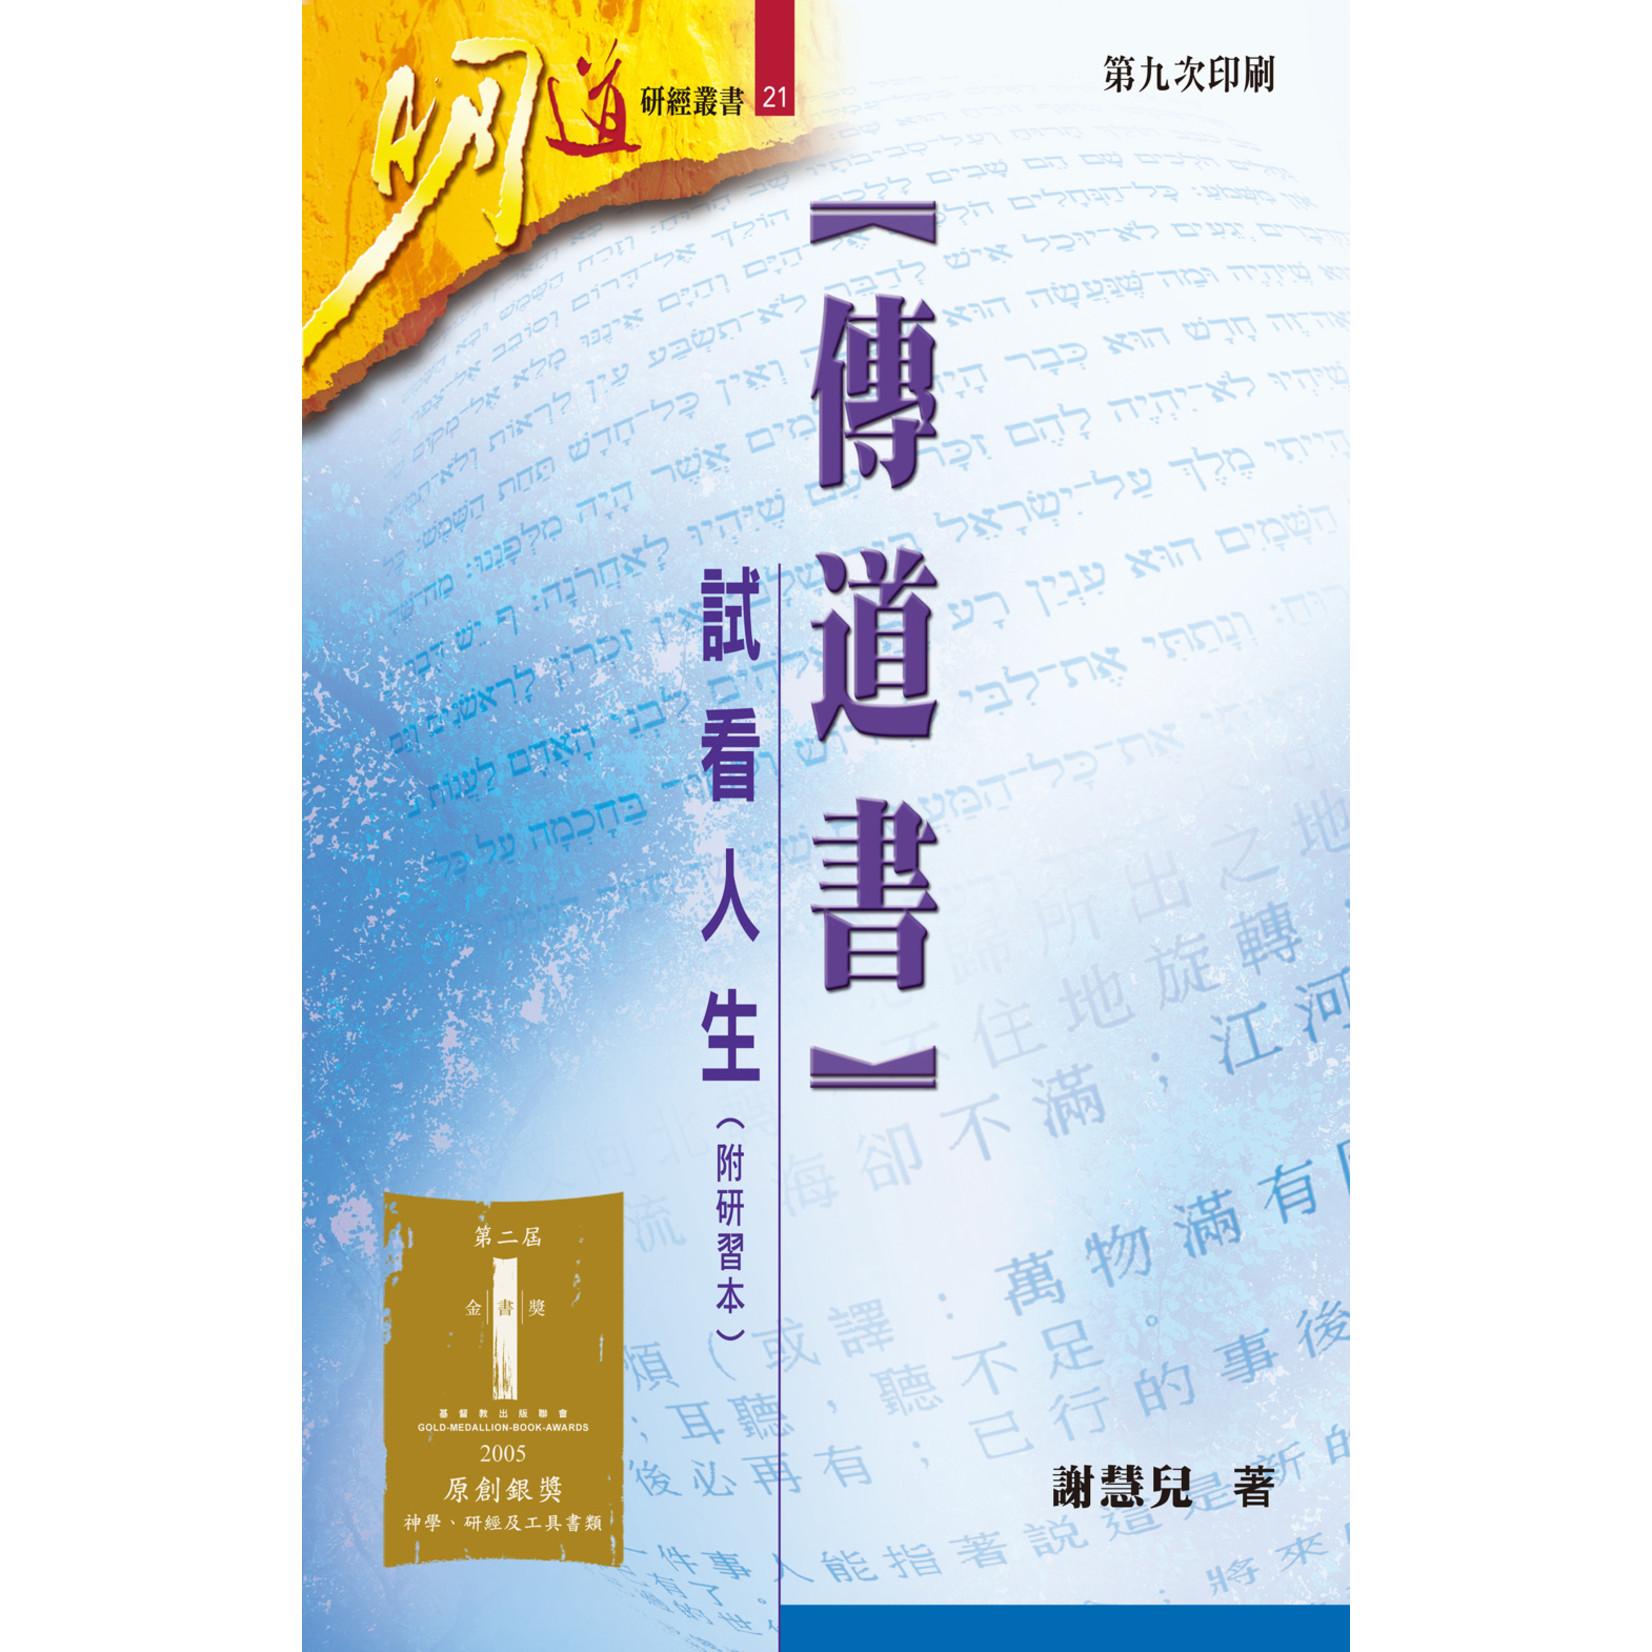 明道社 Ming Dao Press 傳道書:試看人生(附研習本)